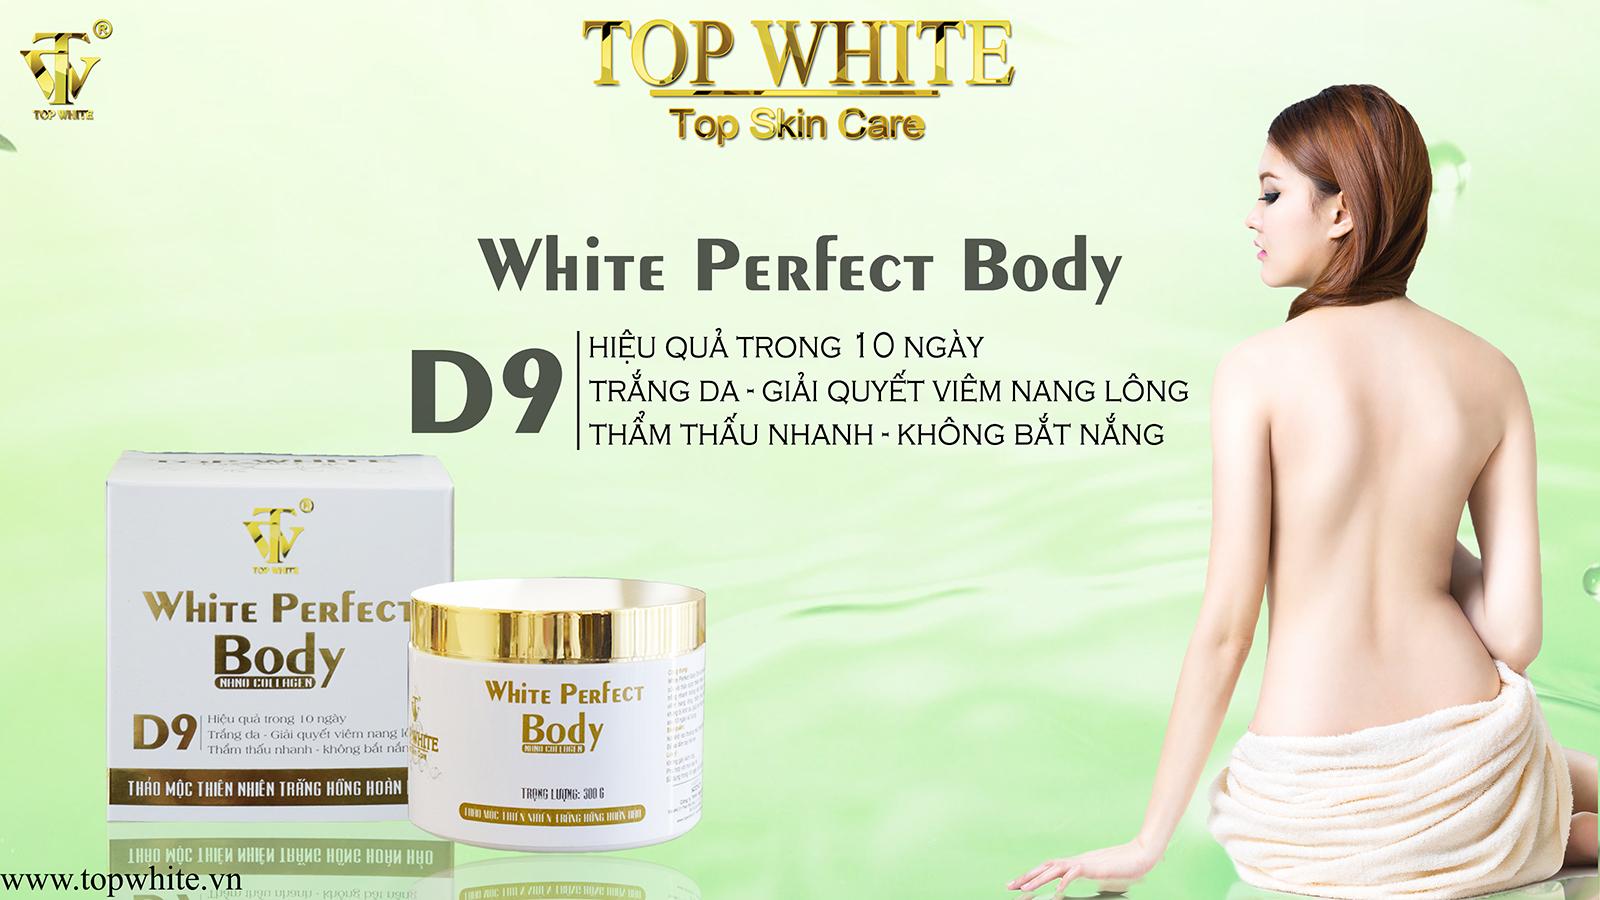 Kem dưỡng trắng da toàn thân White Perfect Body D9